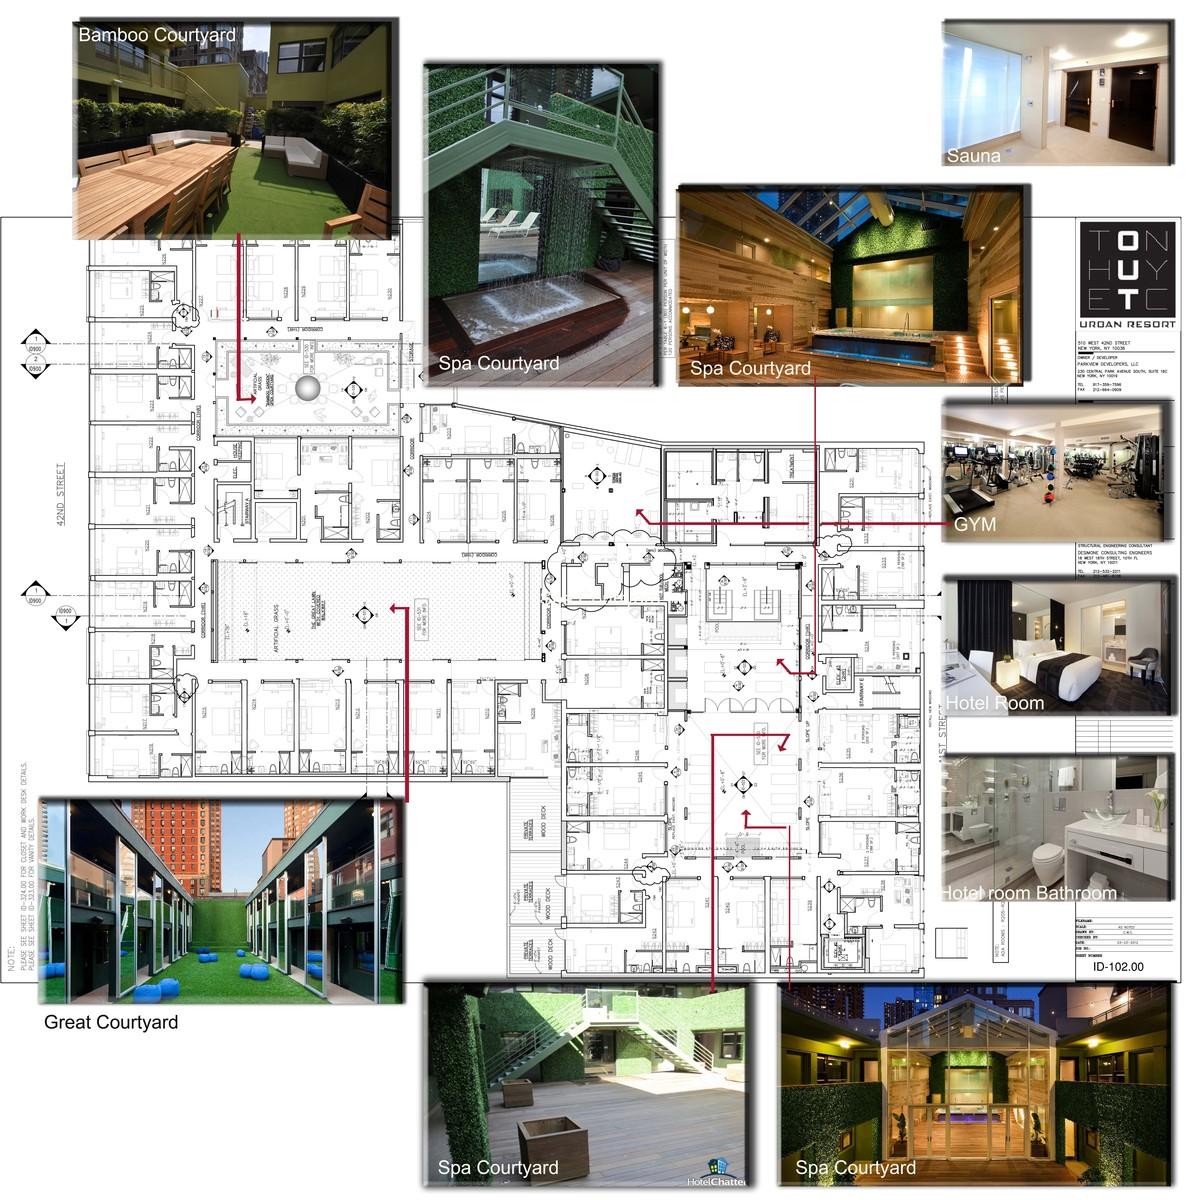 Second Floor Plan- Hotel Rooms, Out Door Courtyards,GYm,Sauna